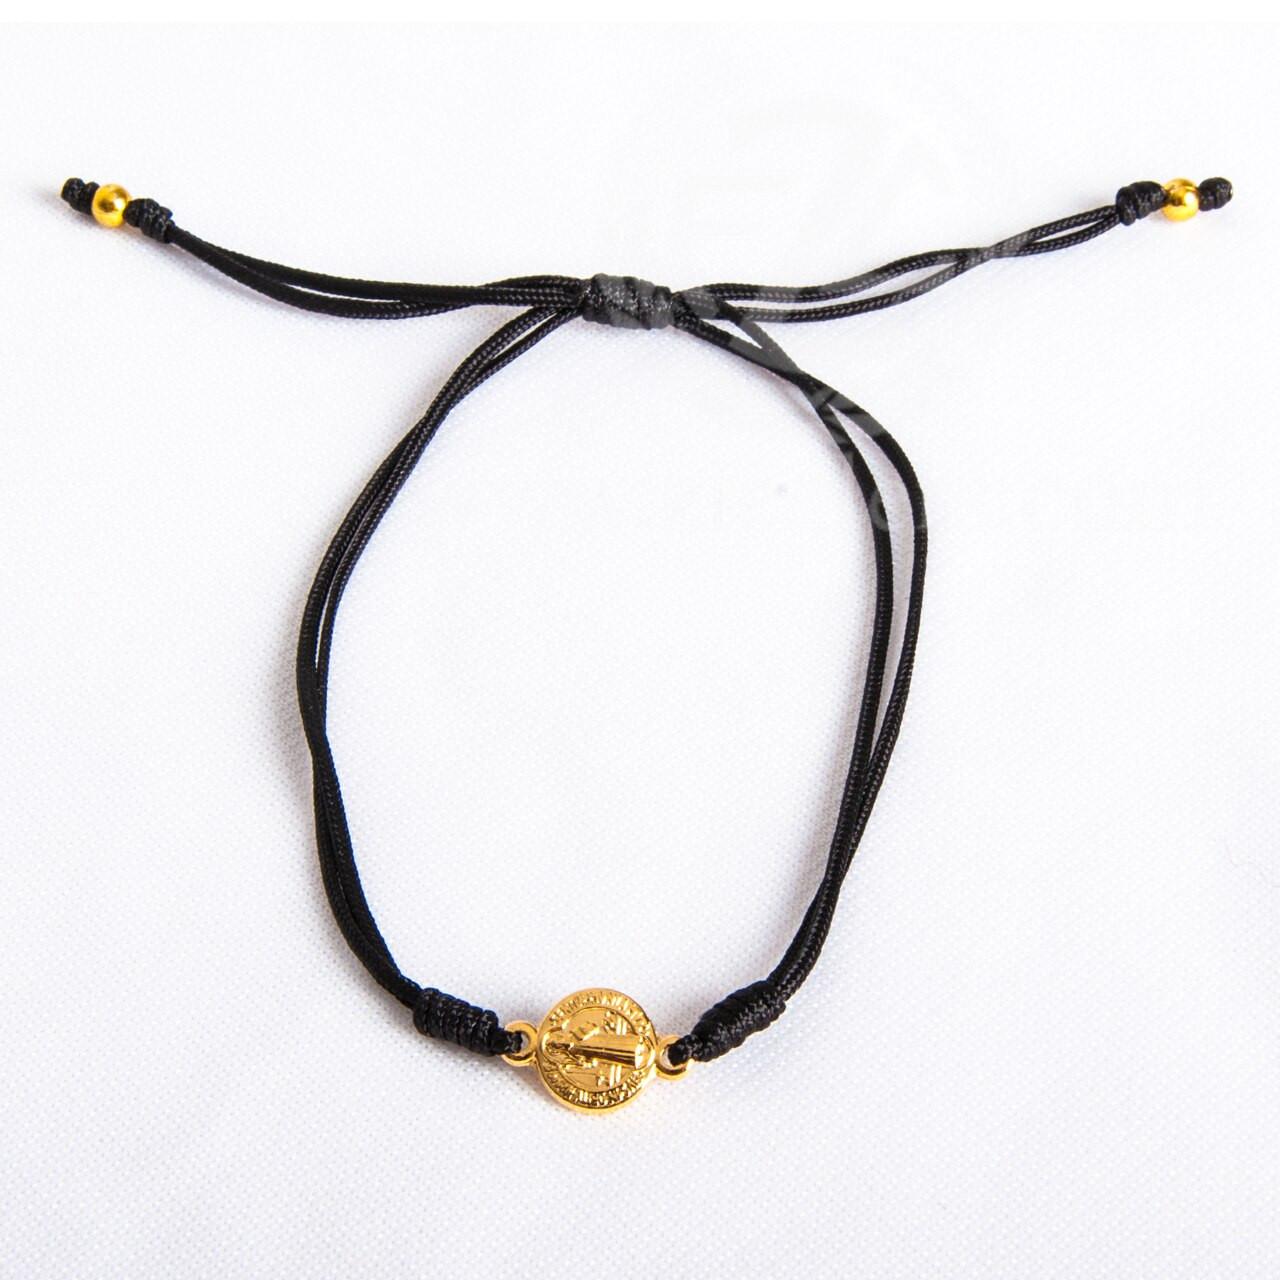 Saint Benedict Bracelet | 1 Gold Medal | Cord | 7 Colors | Medjugorje | SBSB